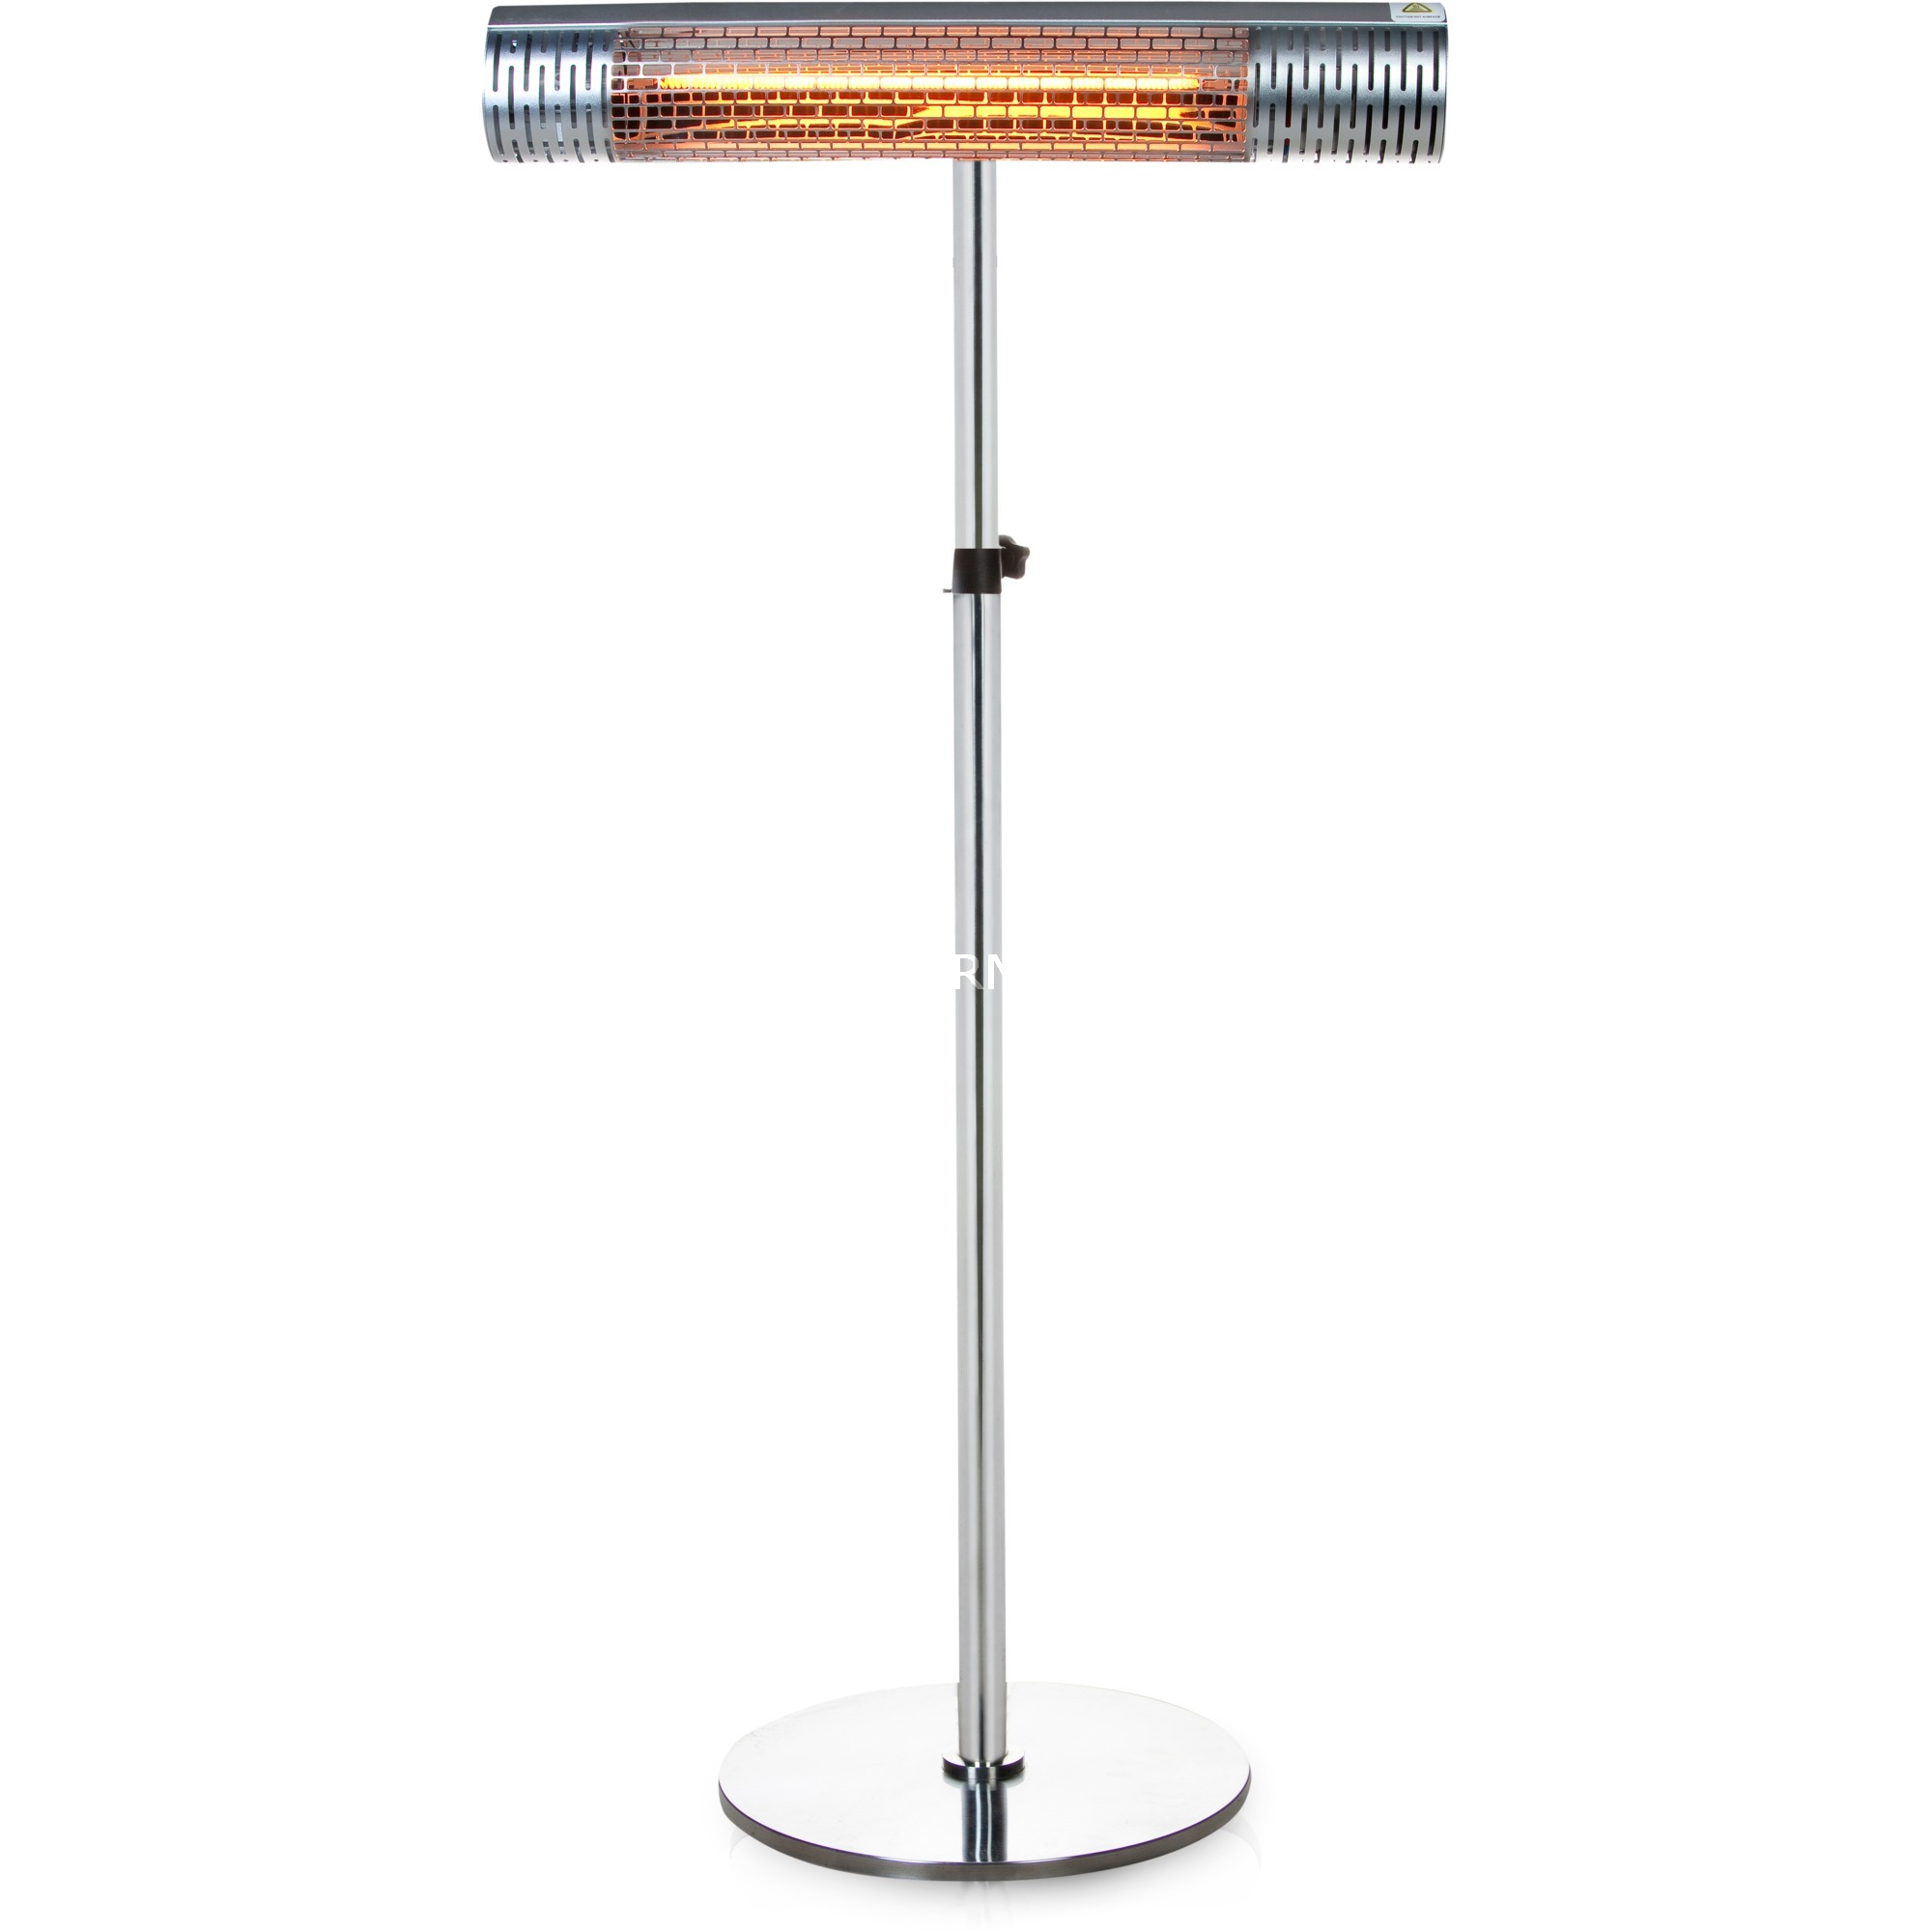 DO7342TV, Calentador radiante